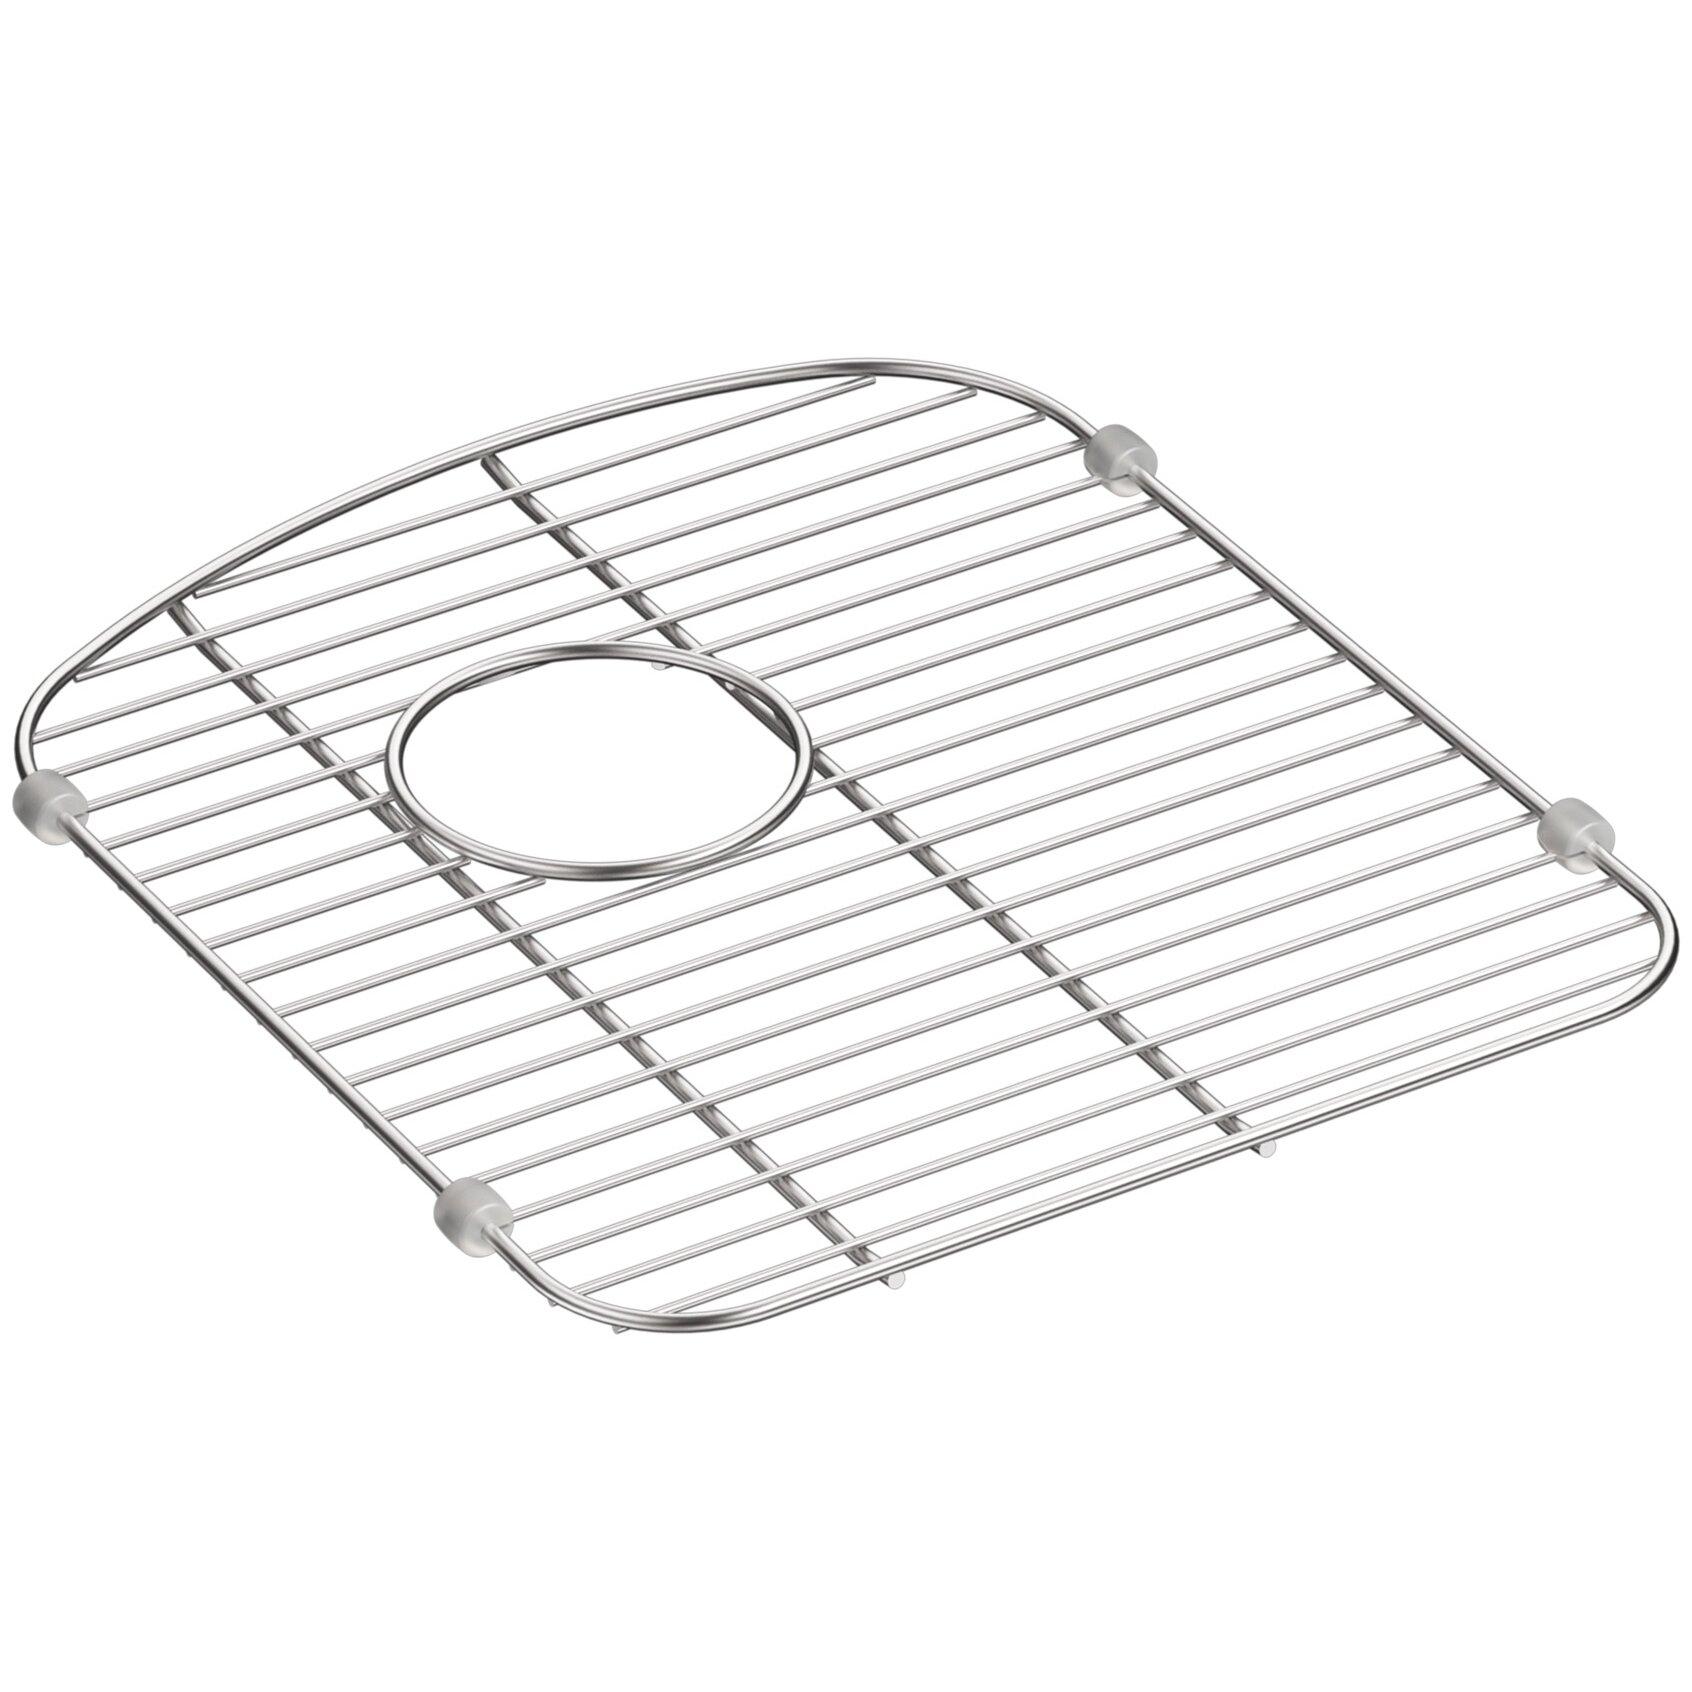 kohler langlade smart divide stainless steel sink rack for right hand bowl reviews wayfair. Black Bedroom Furniture Sets. Home Design Ideas